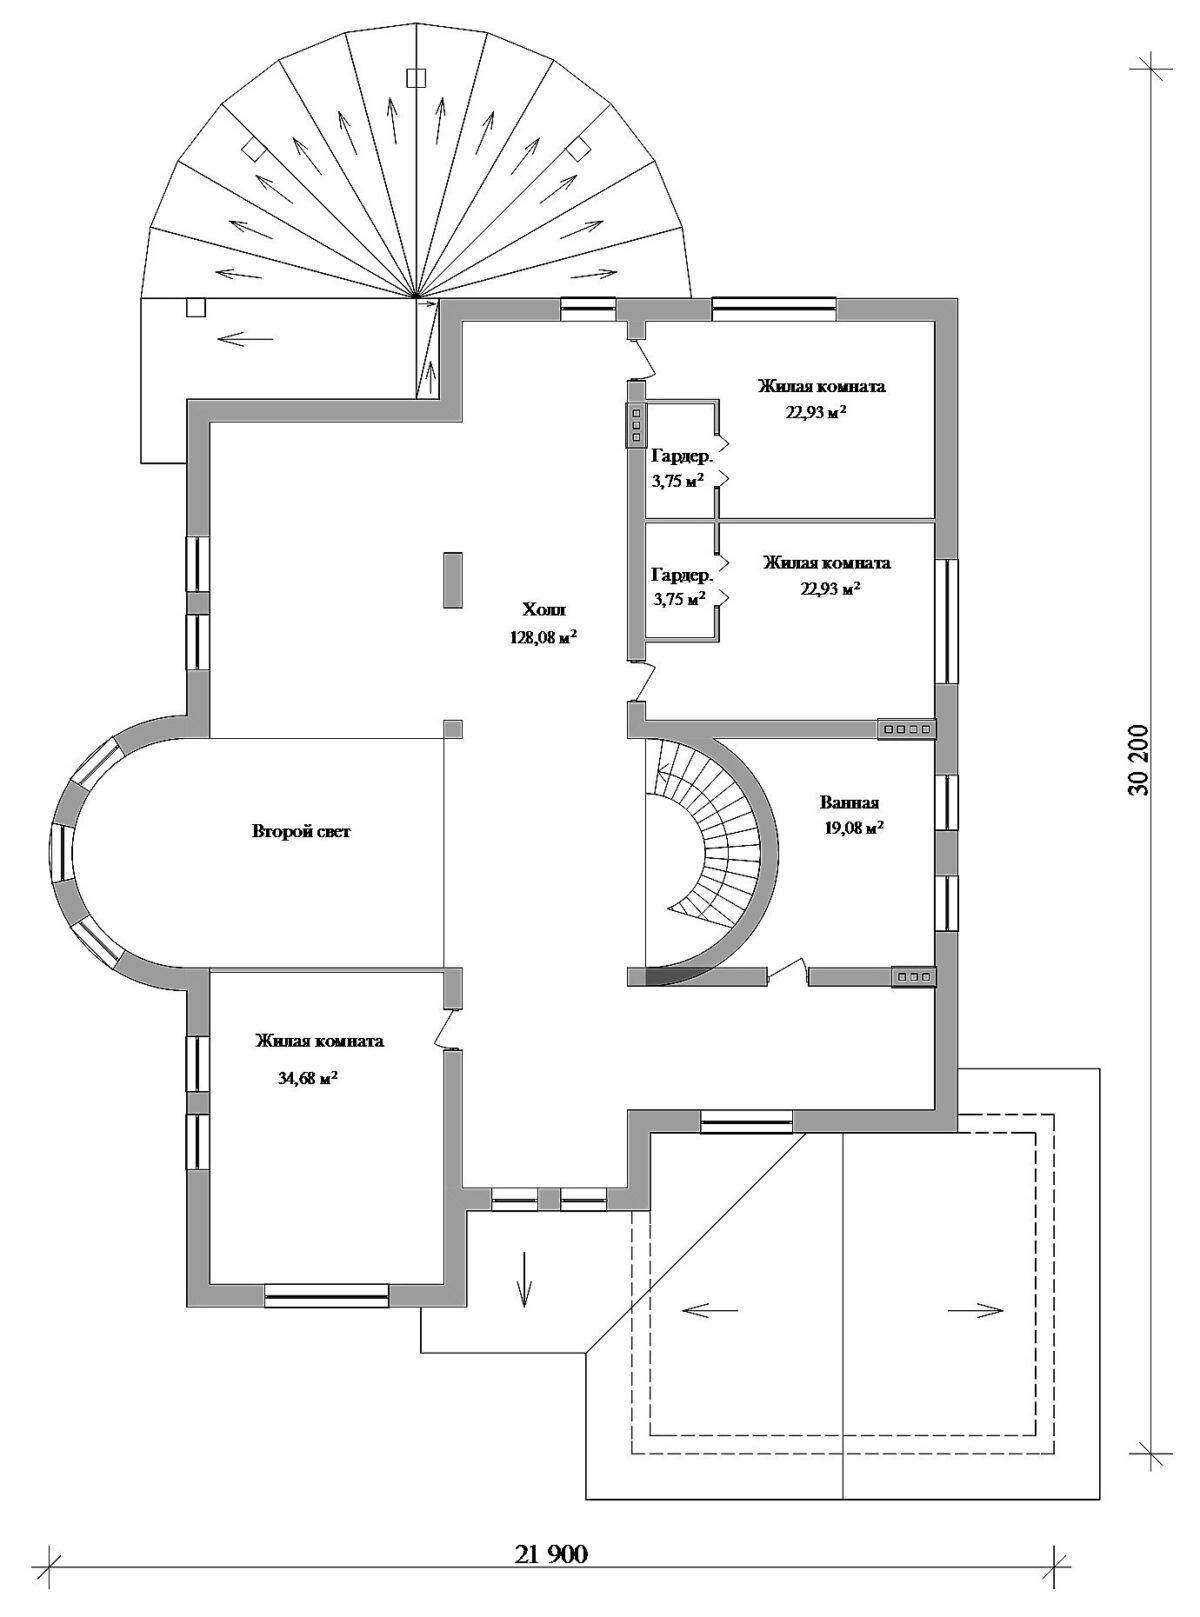 Летучий голландец F-083. Проект особняка 625 кв.м с гаражом на два авто, полукруглой террасой, четырьмя спальнями